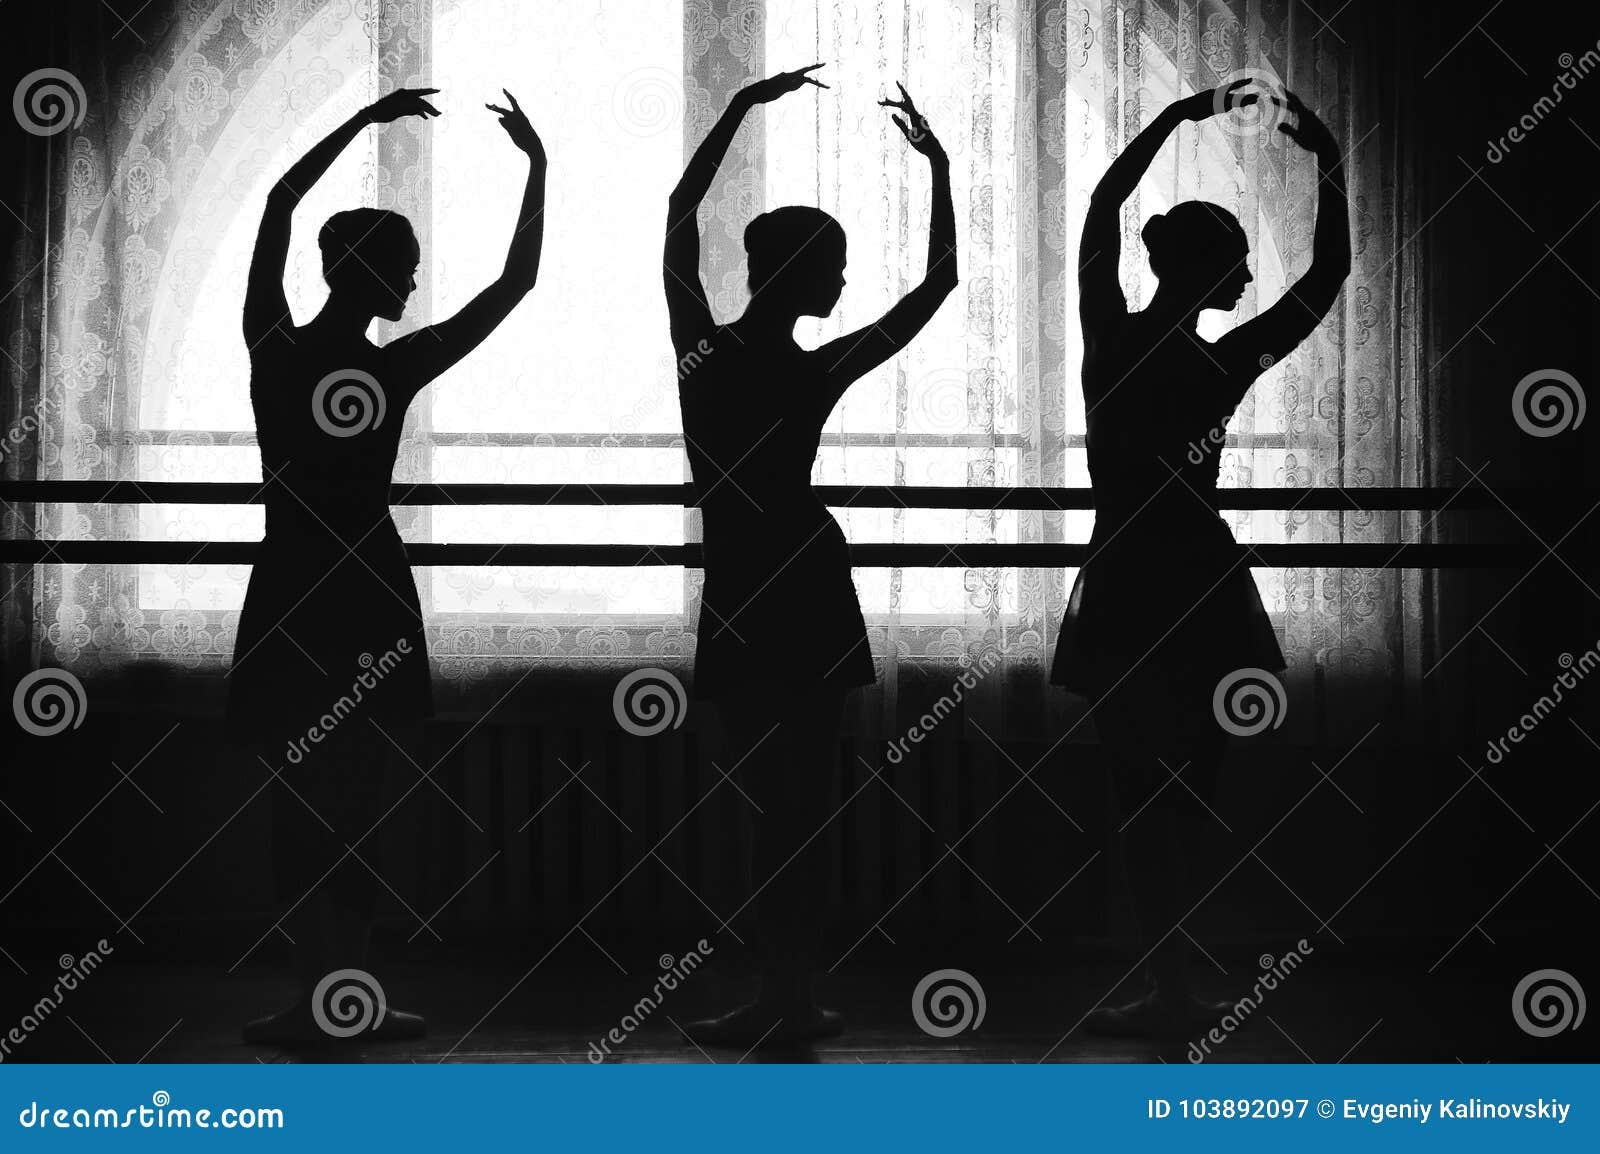 Грациозно силуэты балерин на предпосылке окна